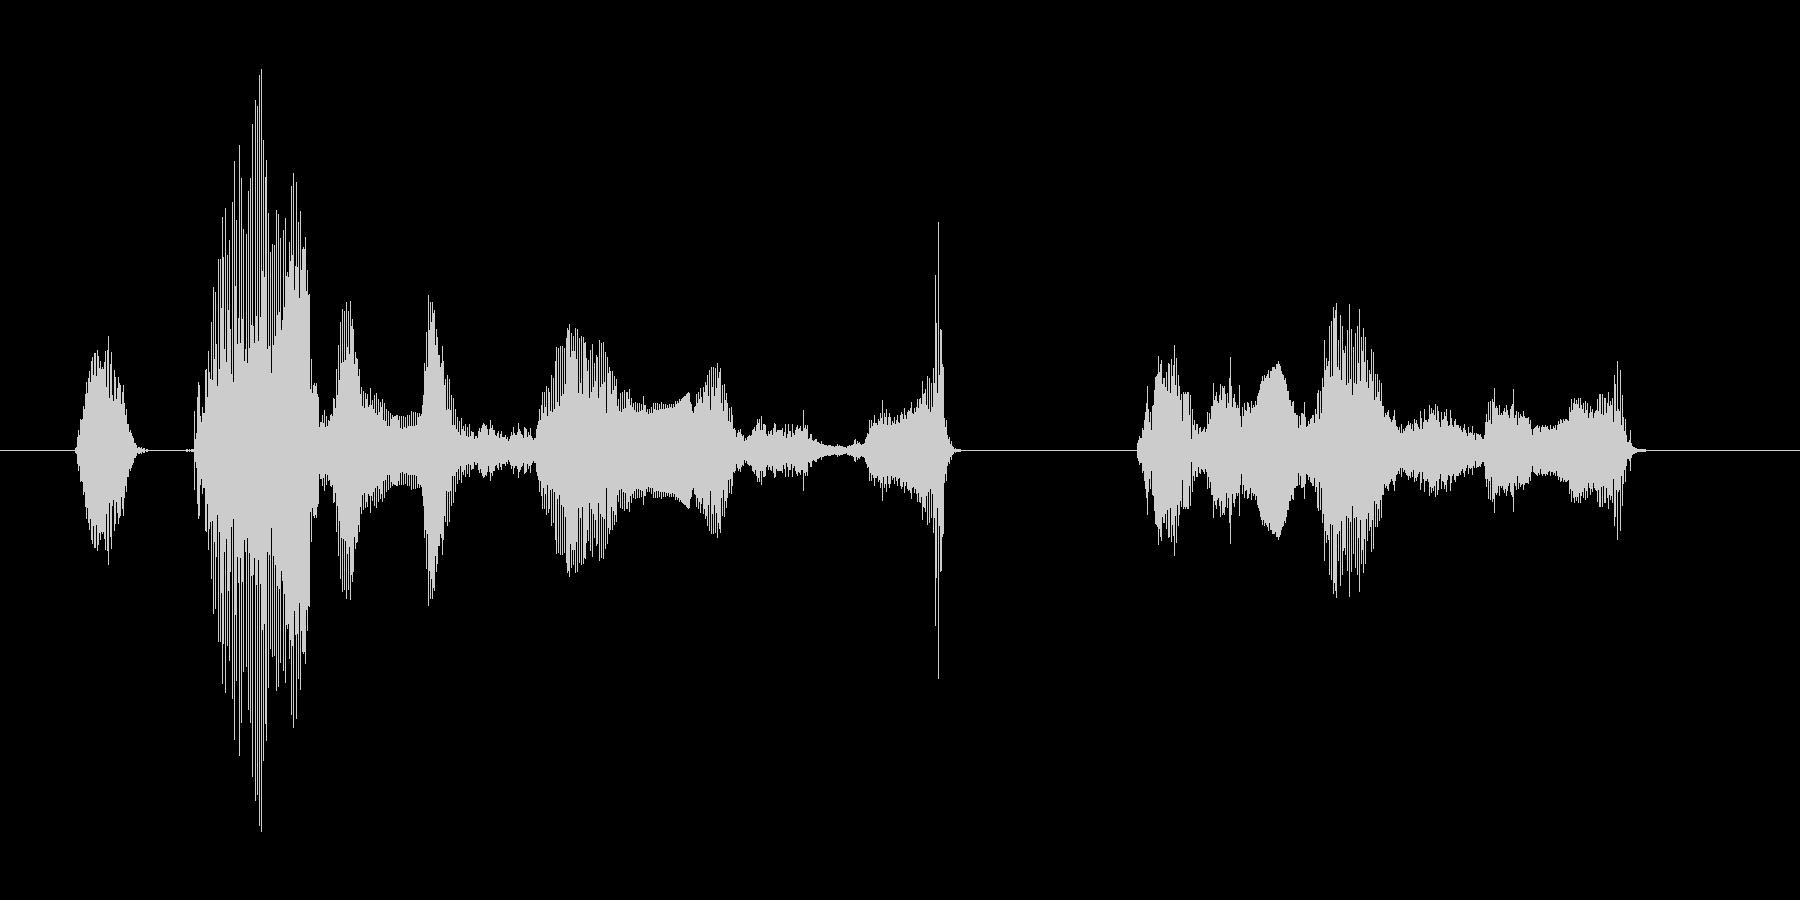 オカエリナサイマセ ゴシュジンサマの未再生の波形